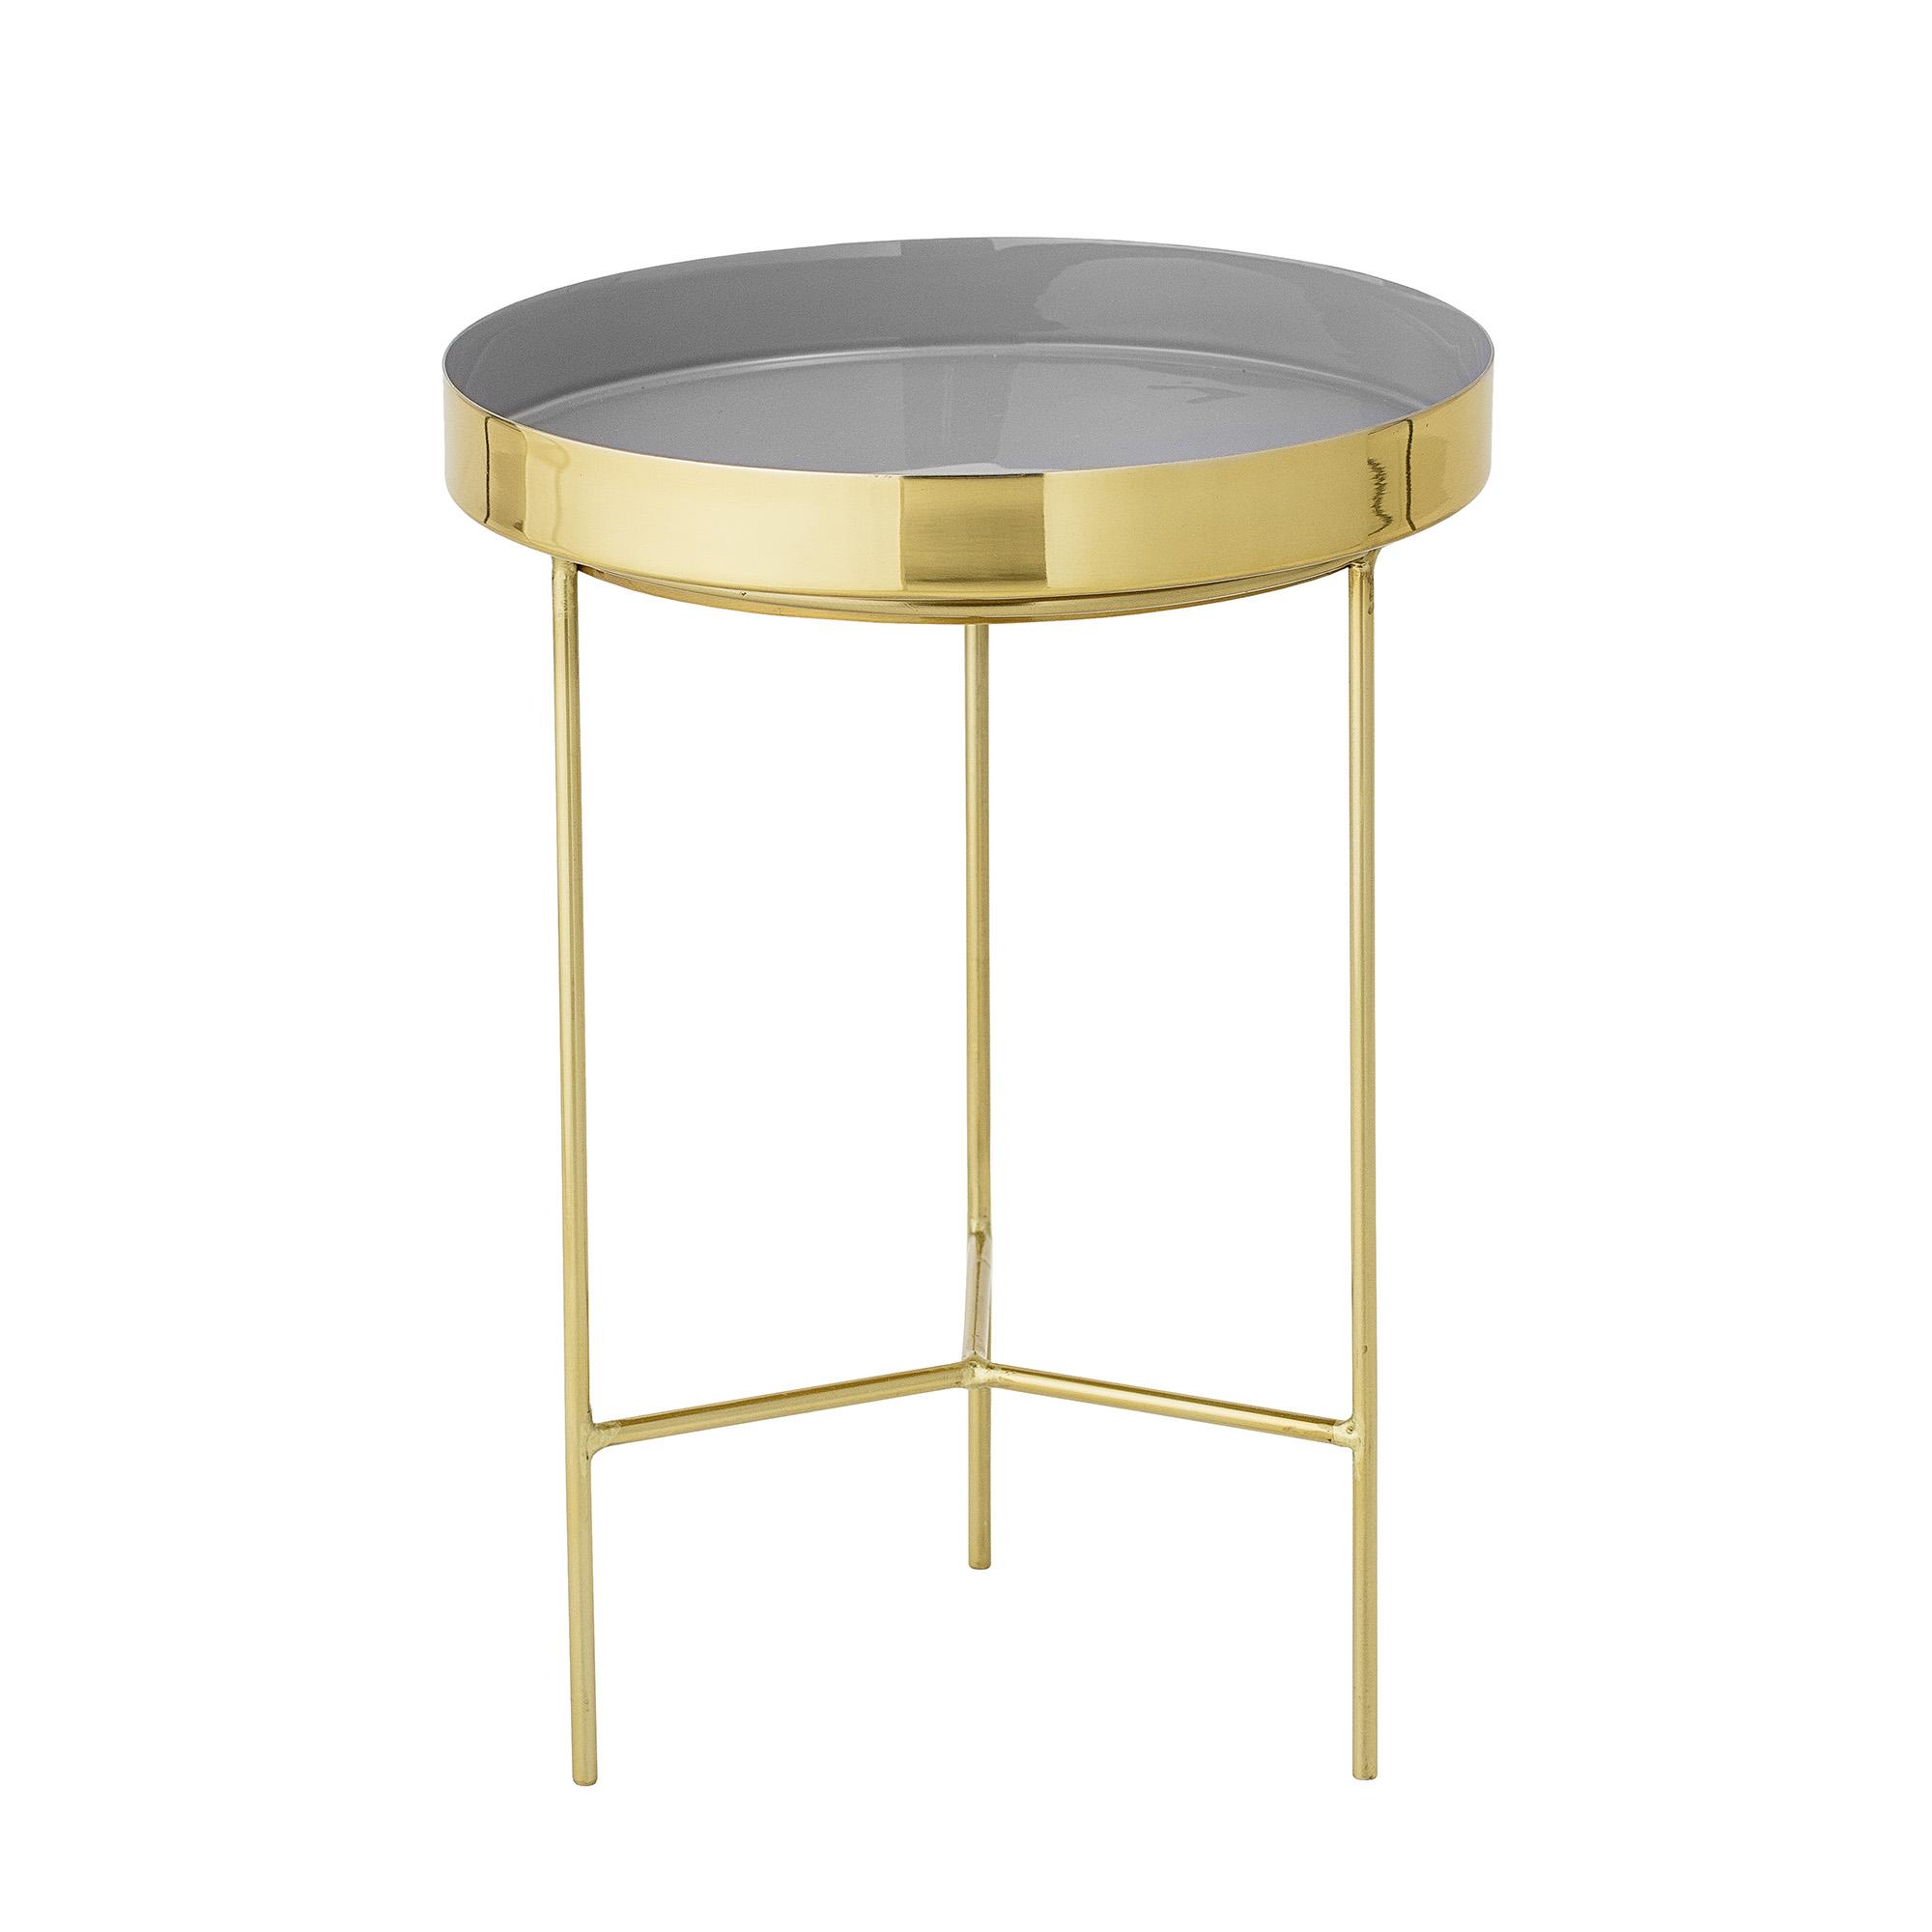 bloomingville Bloomingville sola bakkebord - grå/guld aluminium/stål, rund (ø30) fra boboonline.dk